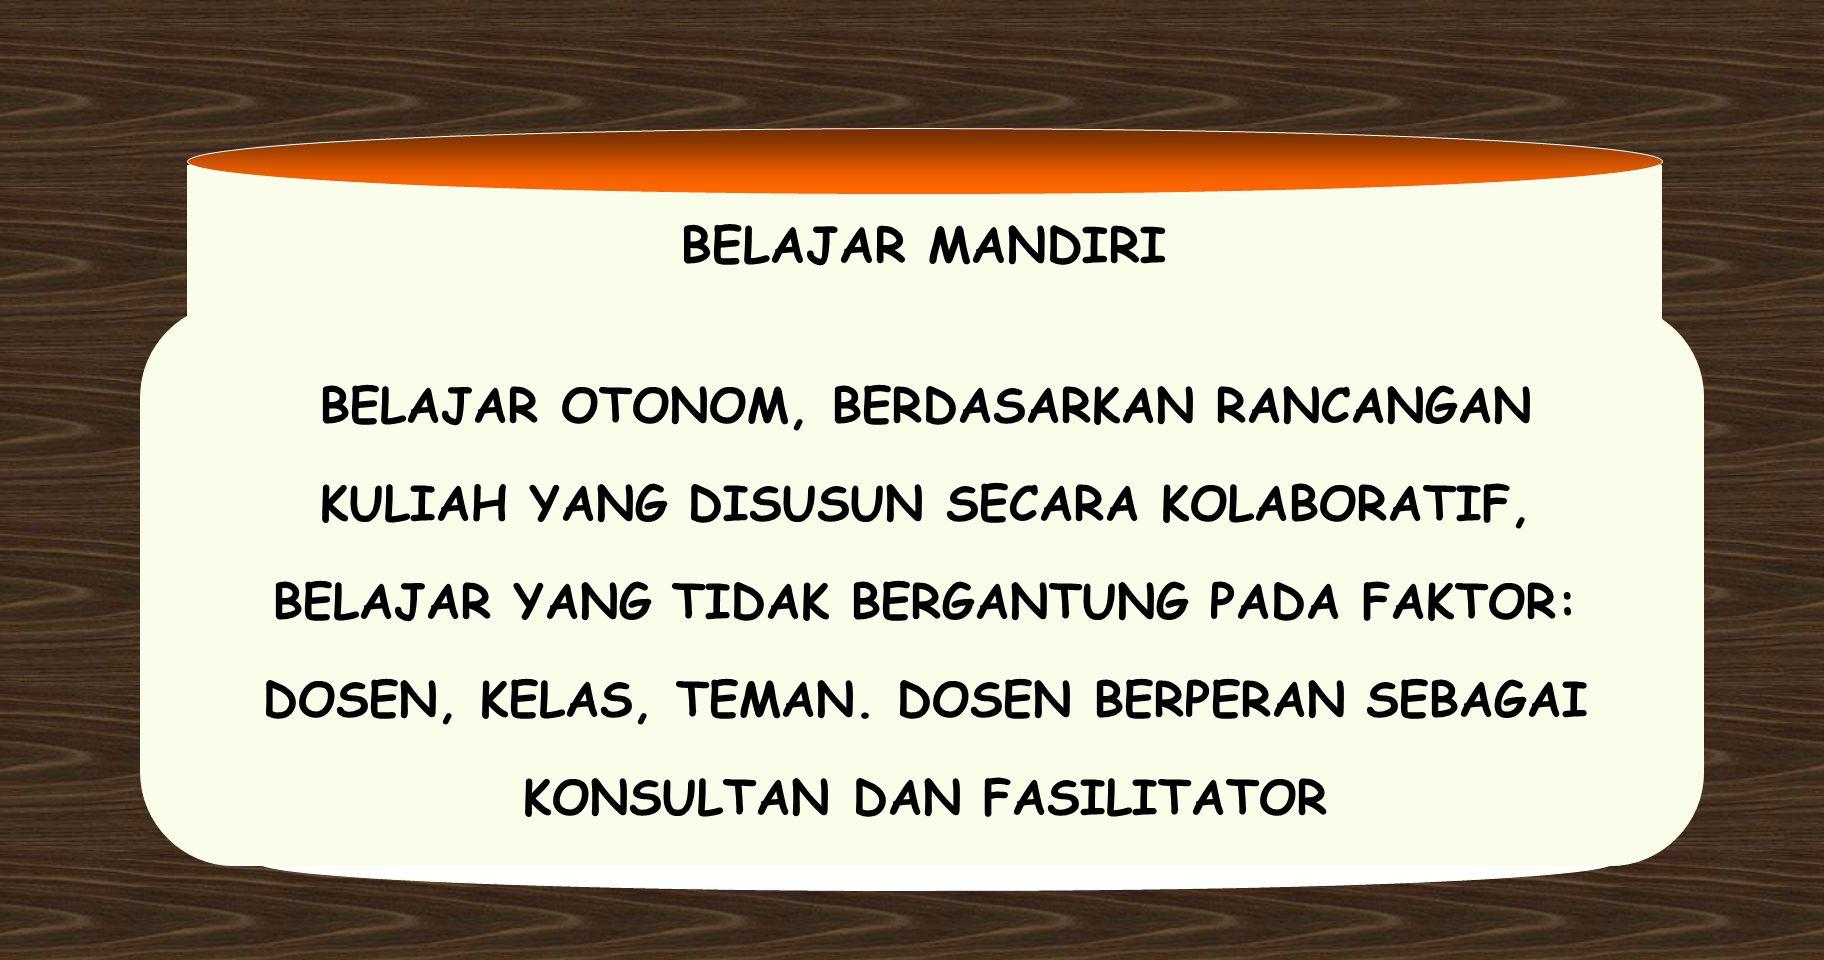 BELAJAR MANDIRI